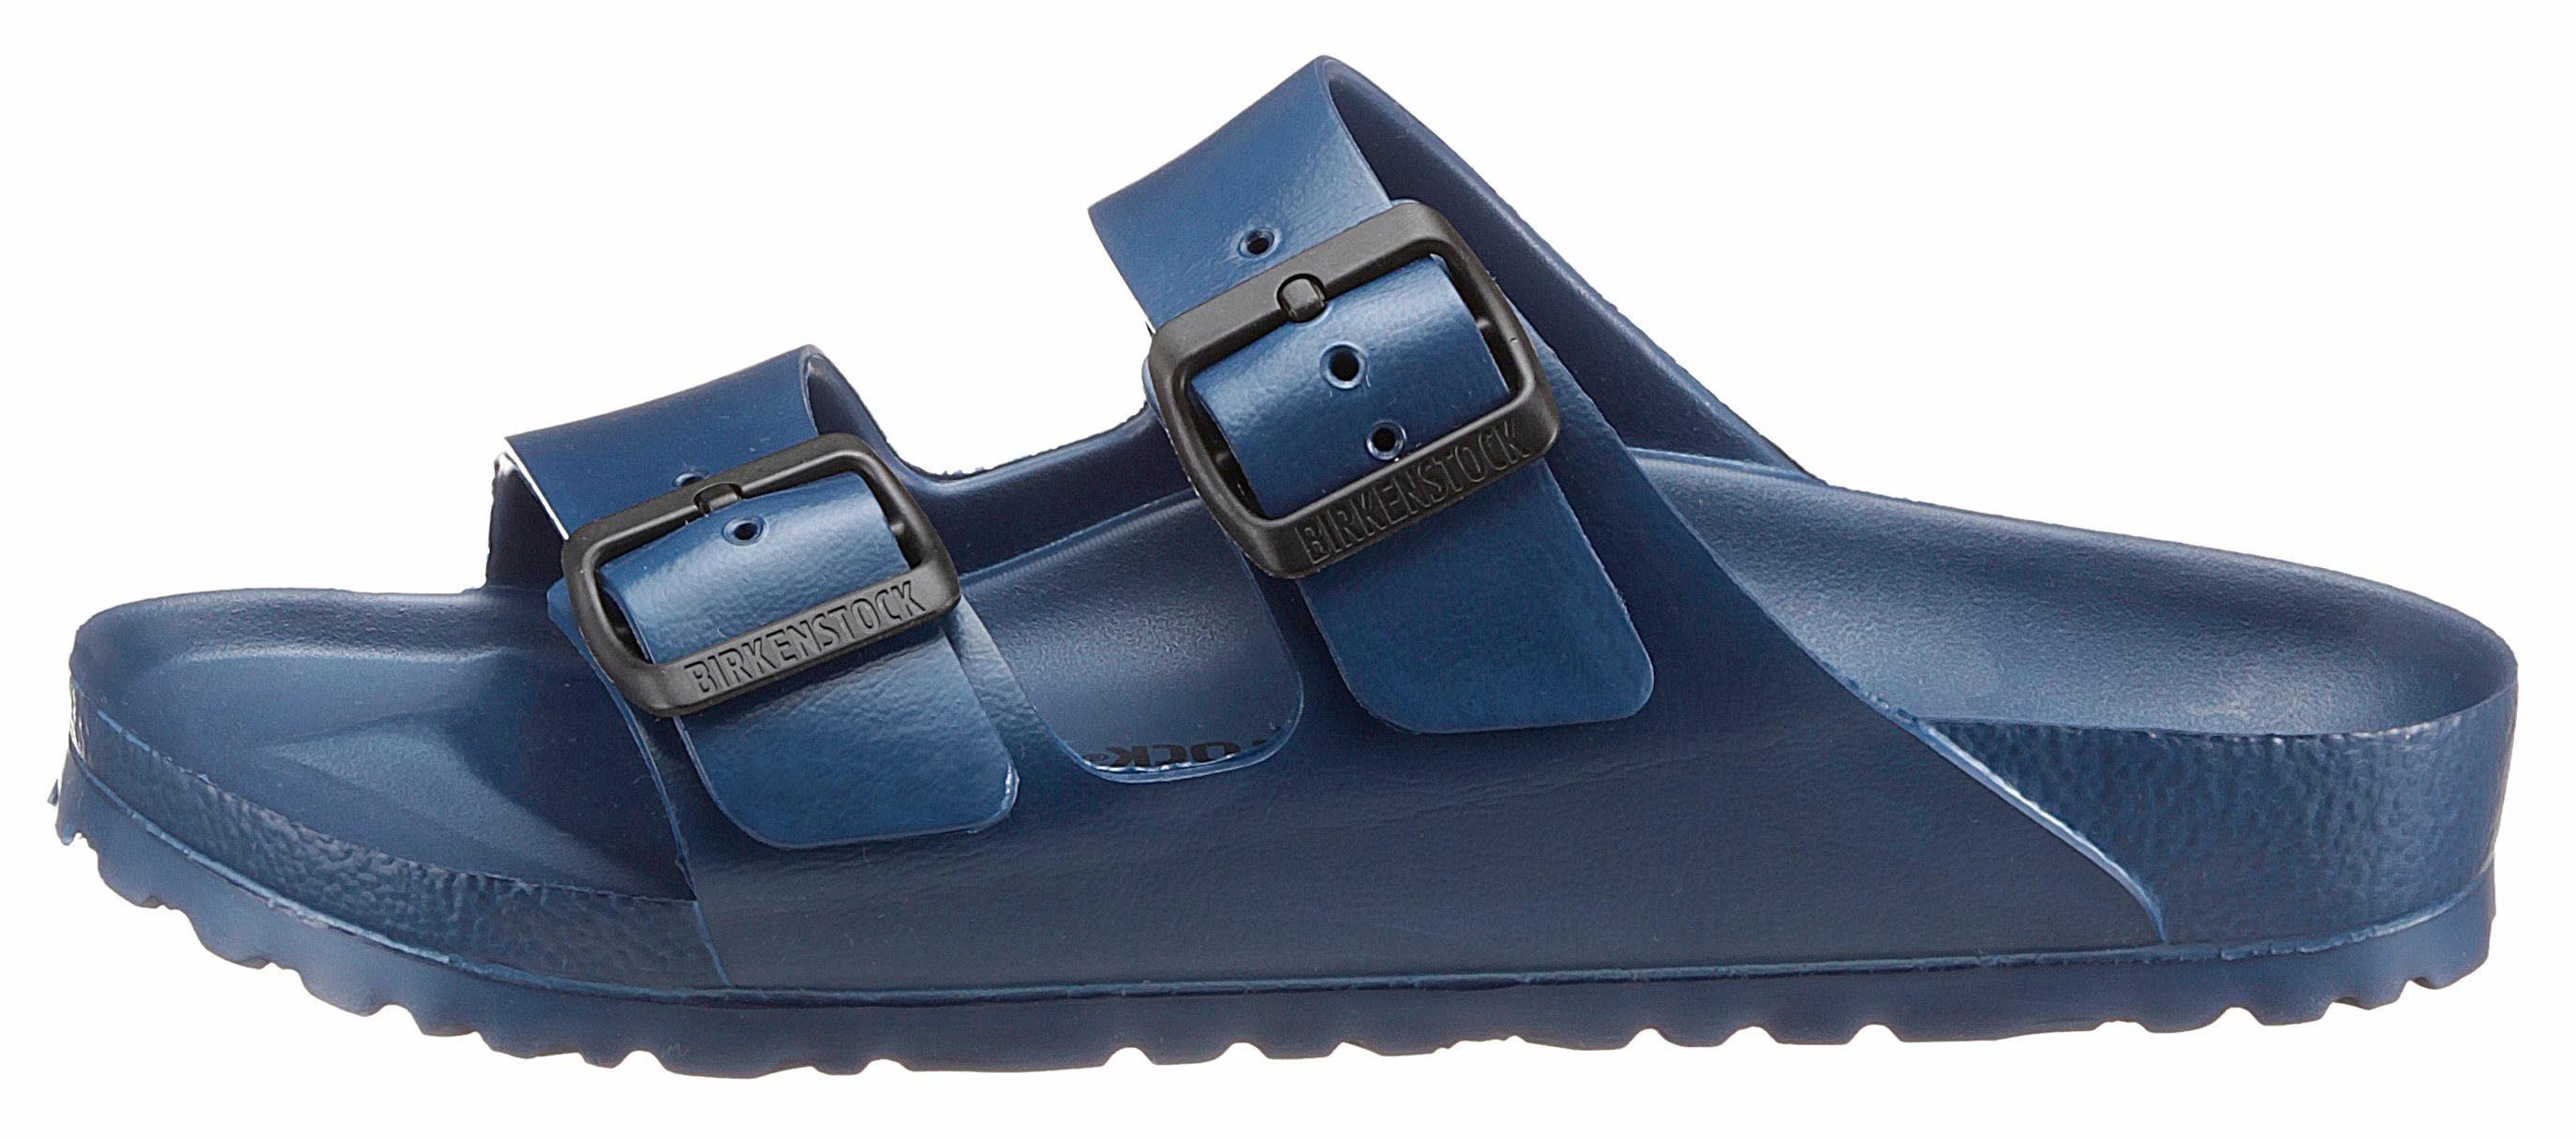 Birkenstock ARIZONA EVA Pantolette, in Schuhweite schmal, mit verstellbaren Schnallen online kaufen  navy